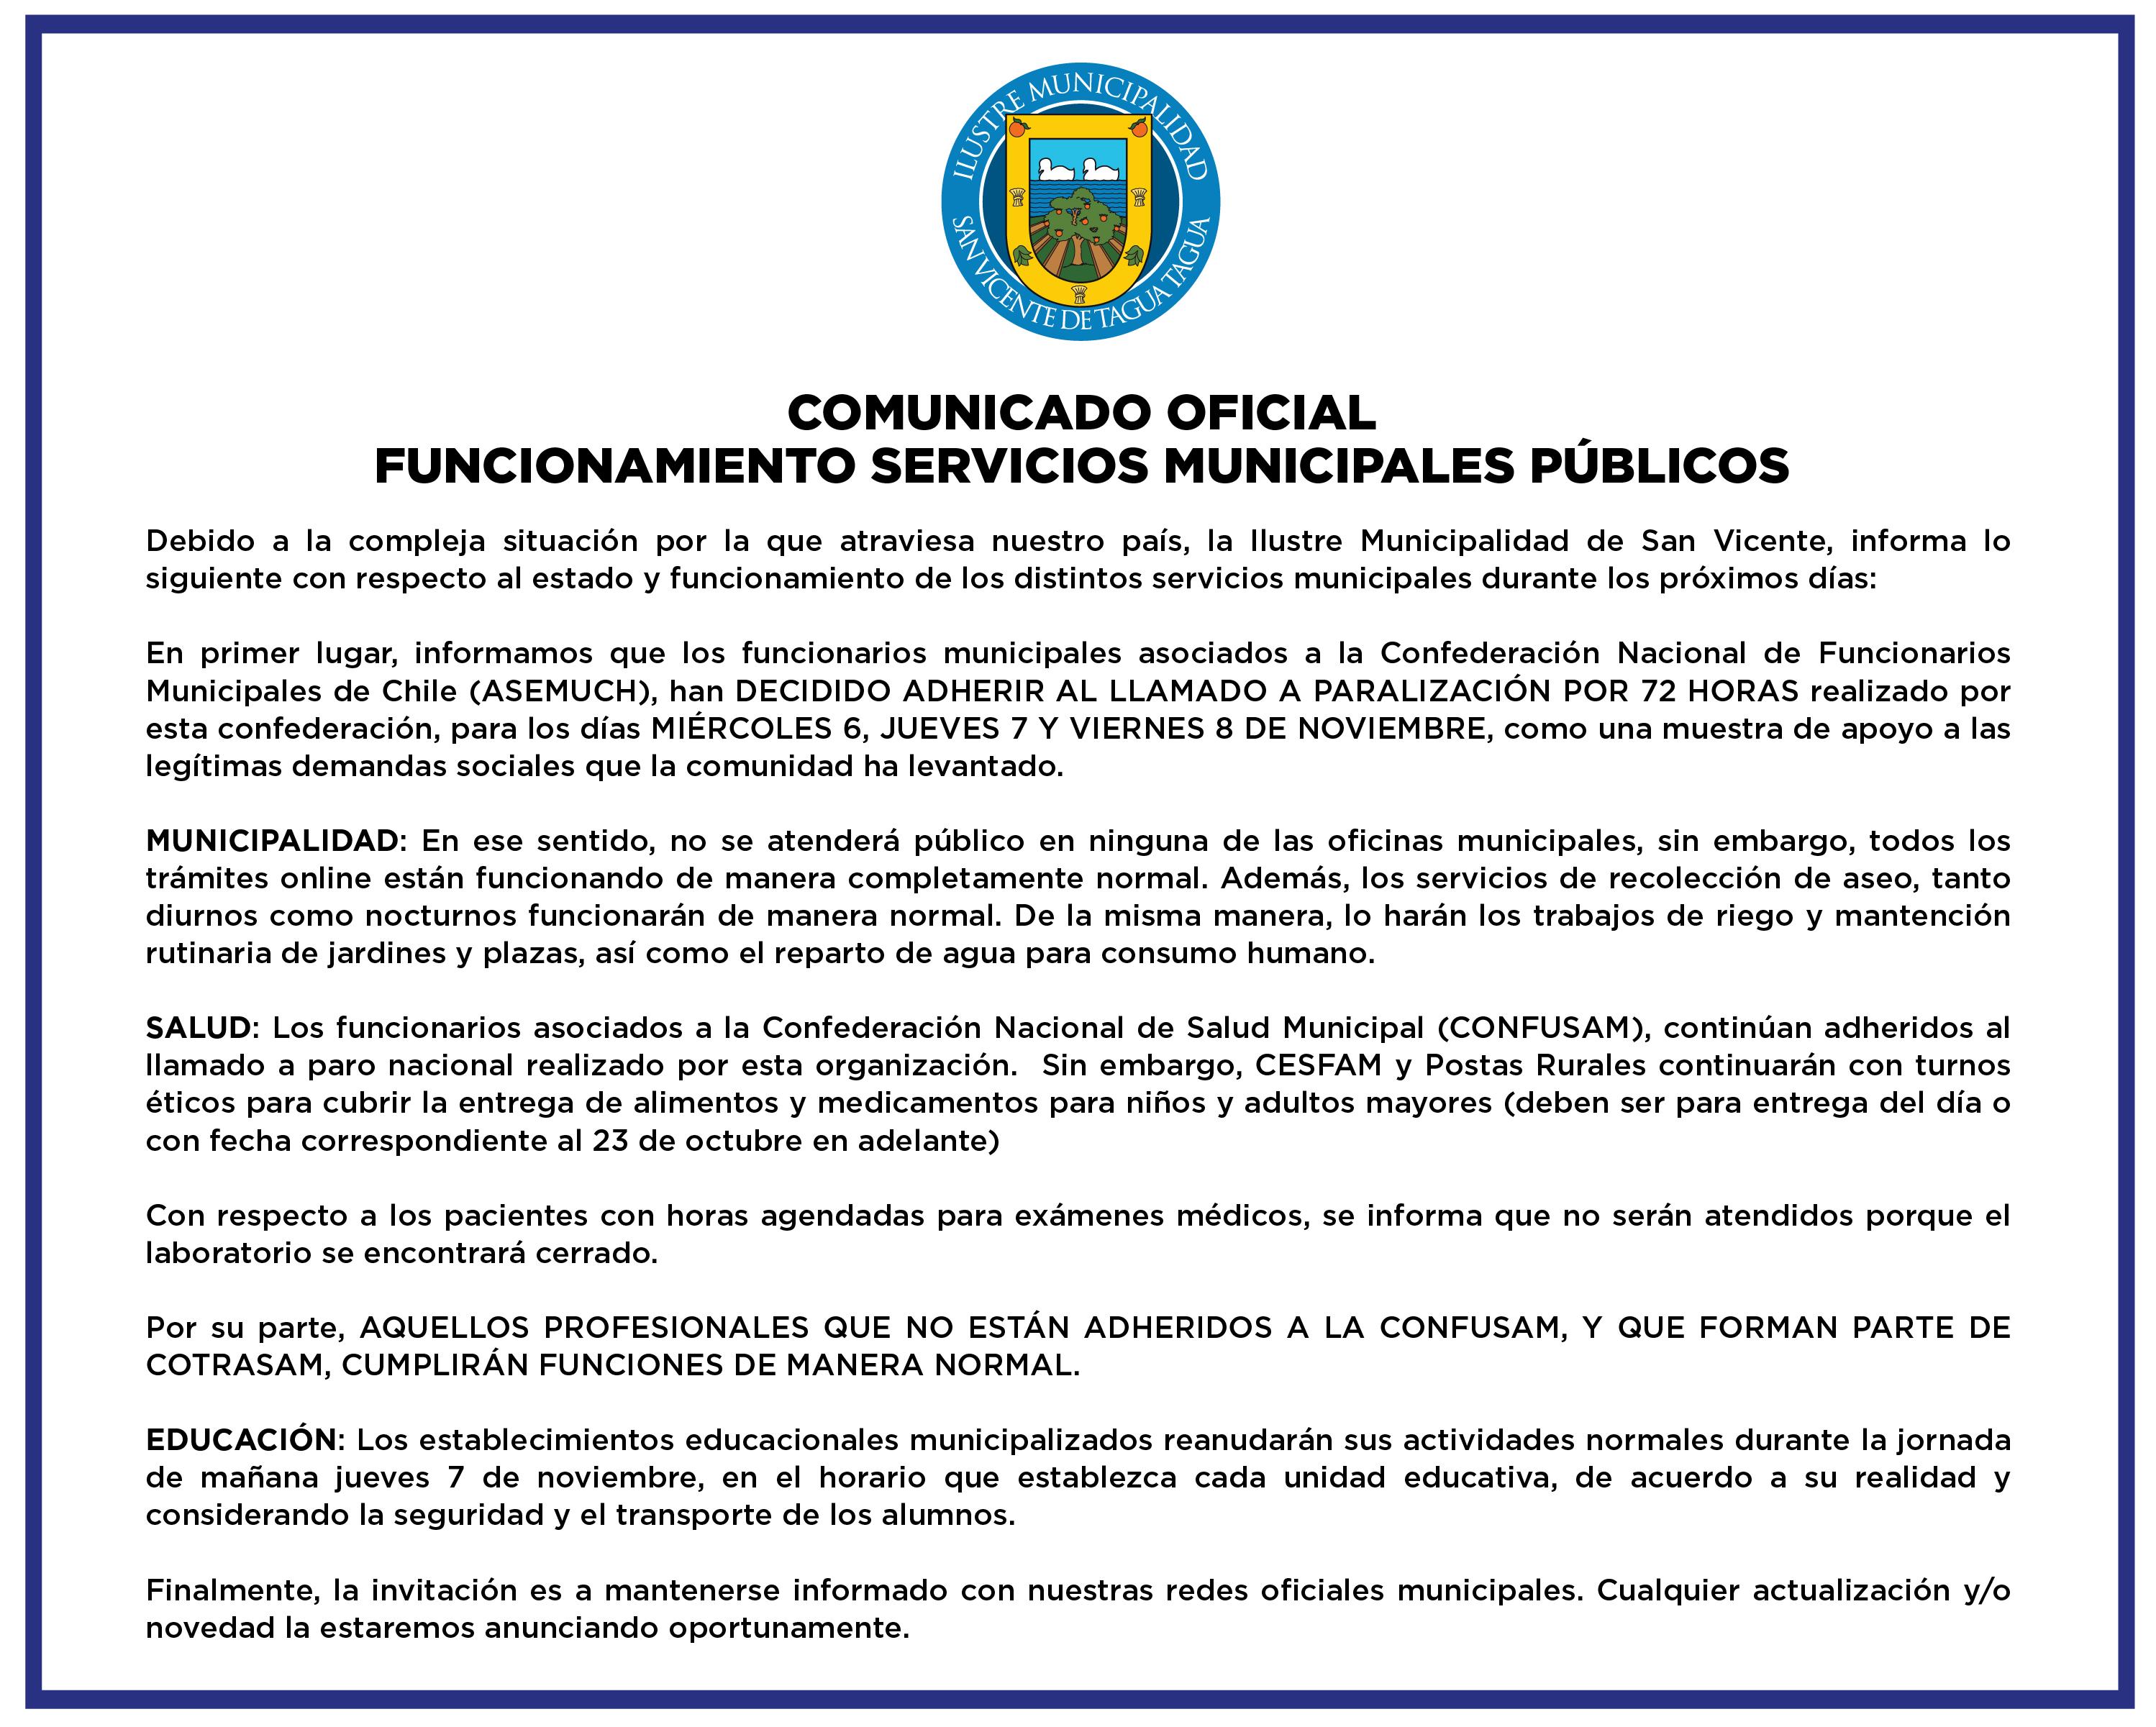 #AHORA| COMUNICADO OFICIAL FUNCIONAMIENTO SERVICIOS MUNICIPALES PÚBLICOS